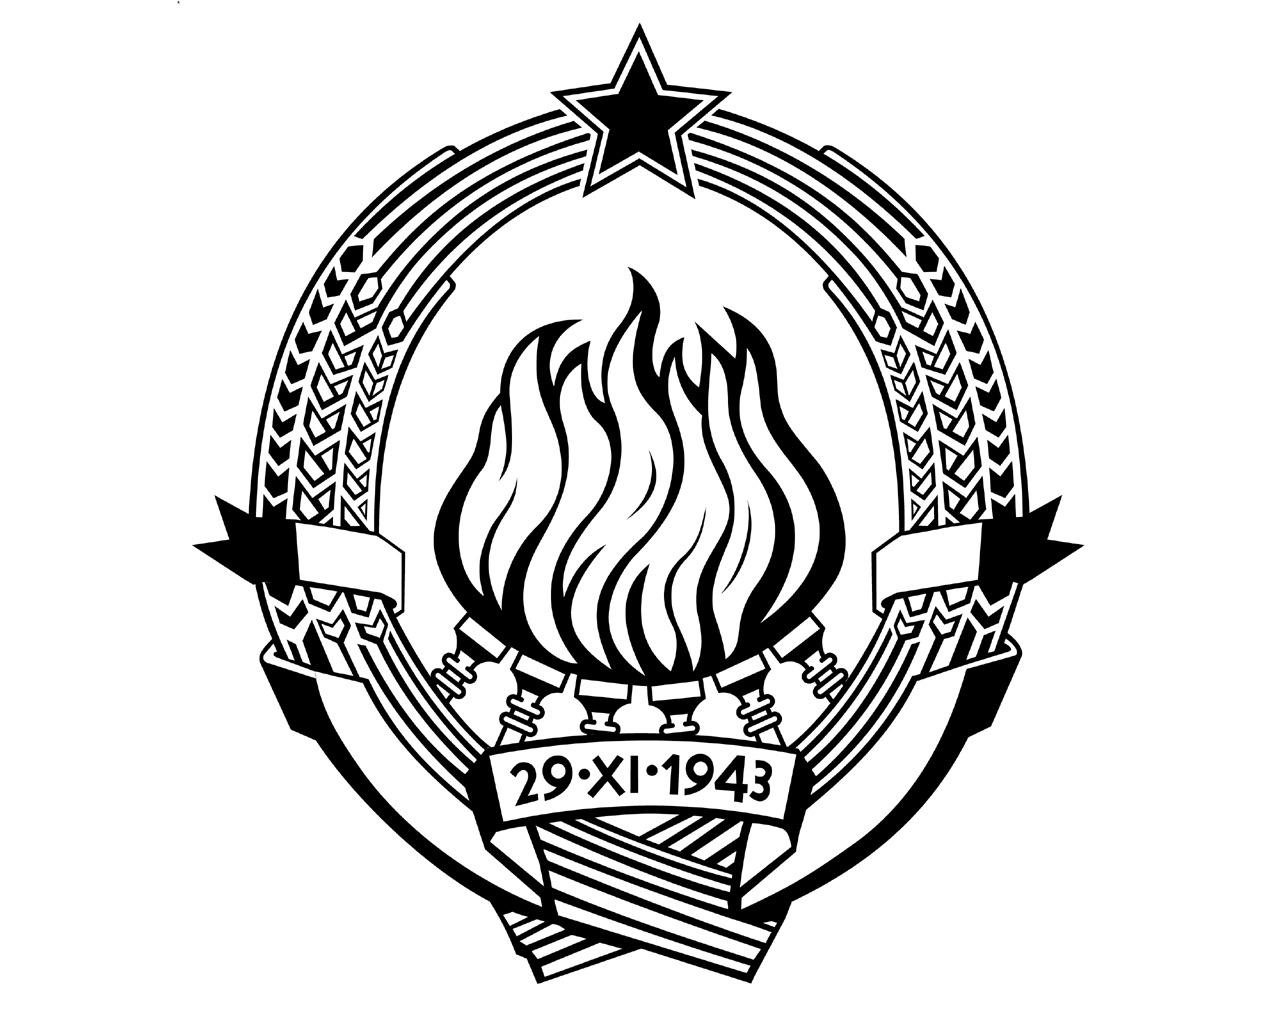 grb-cb-19015